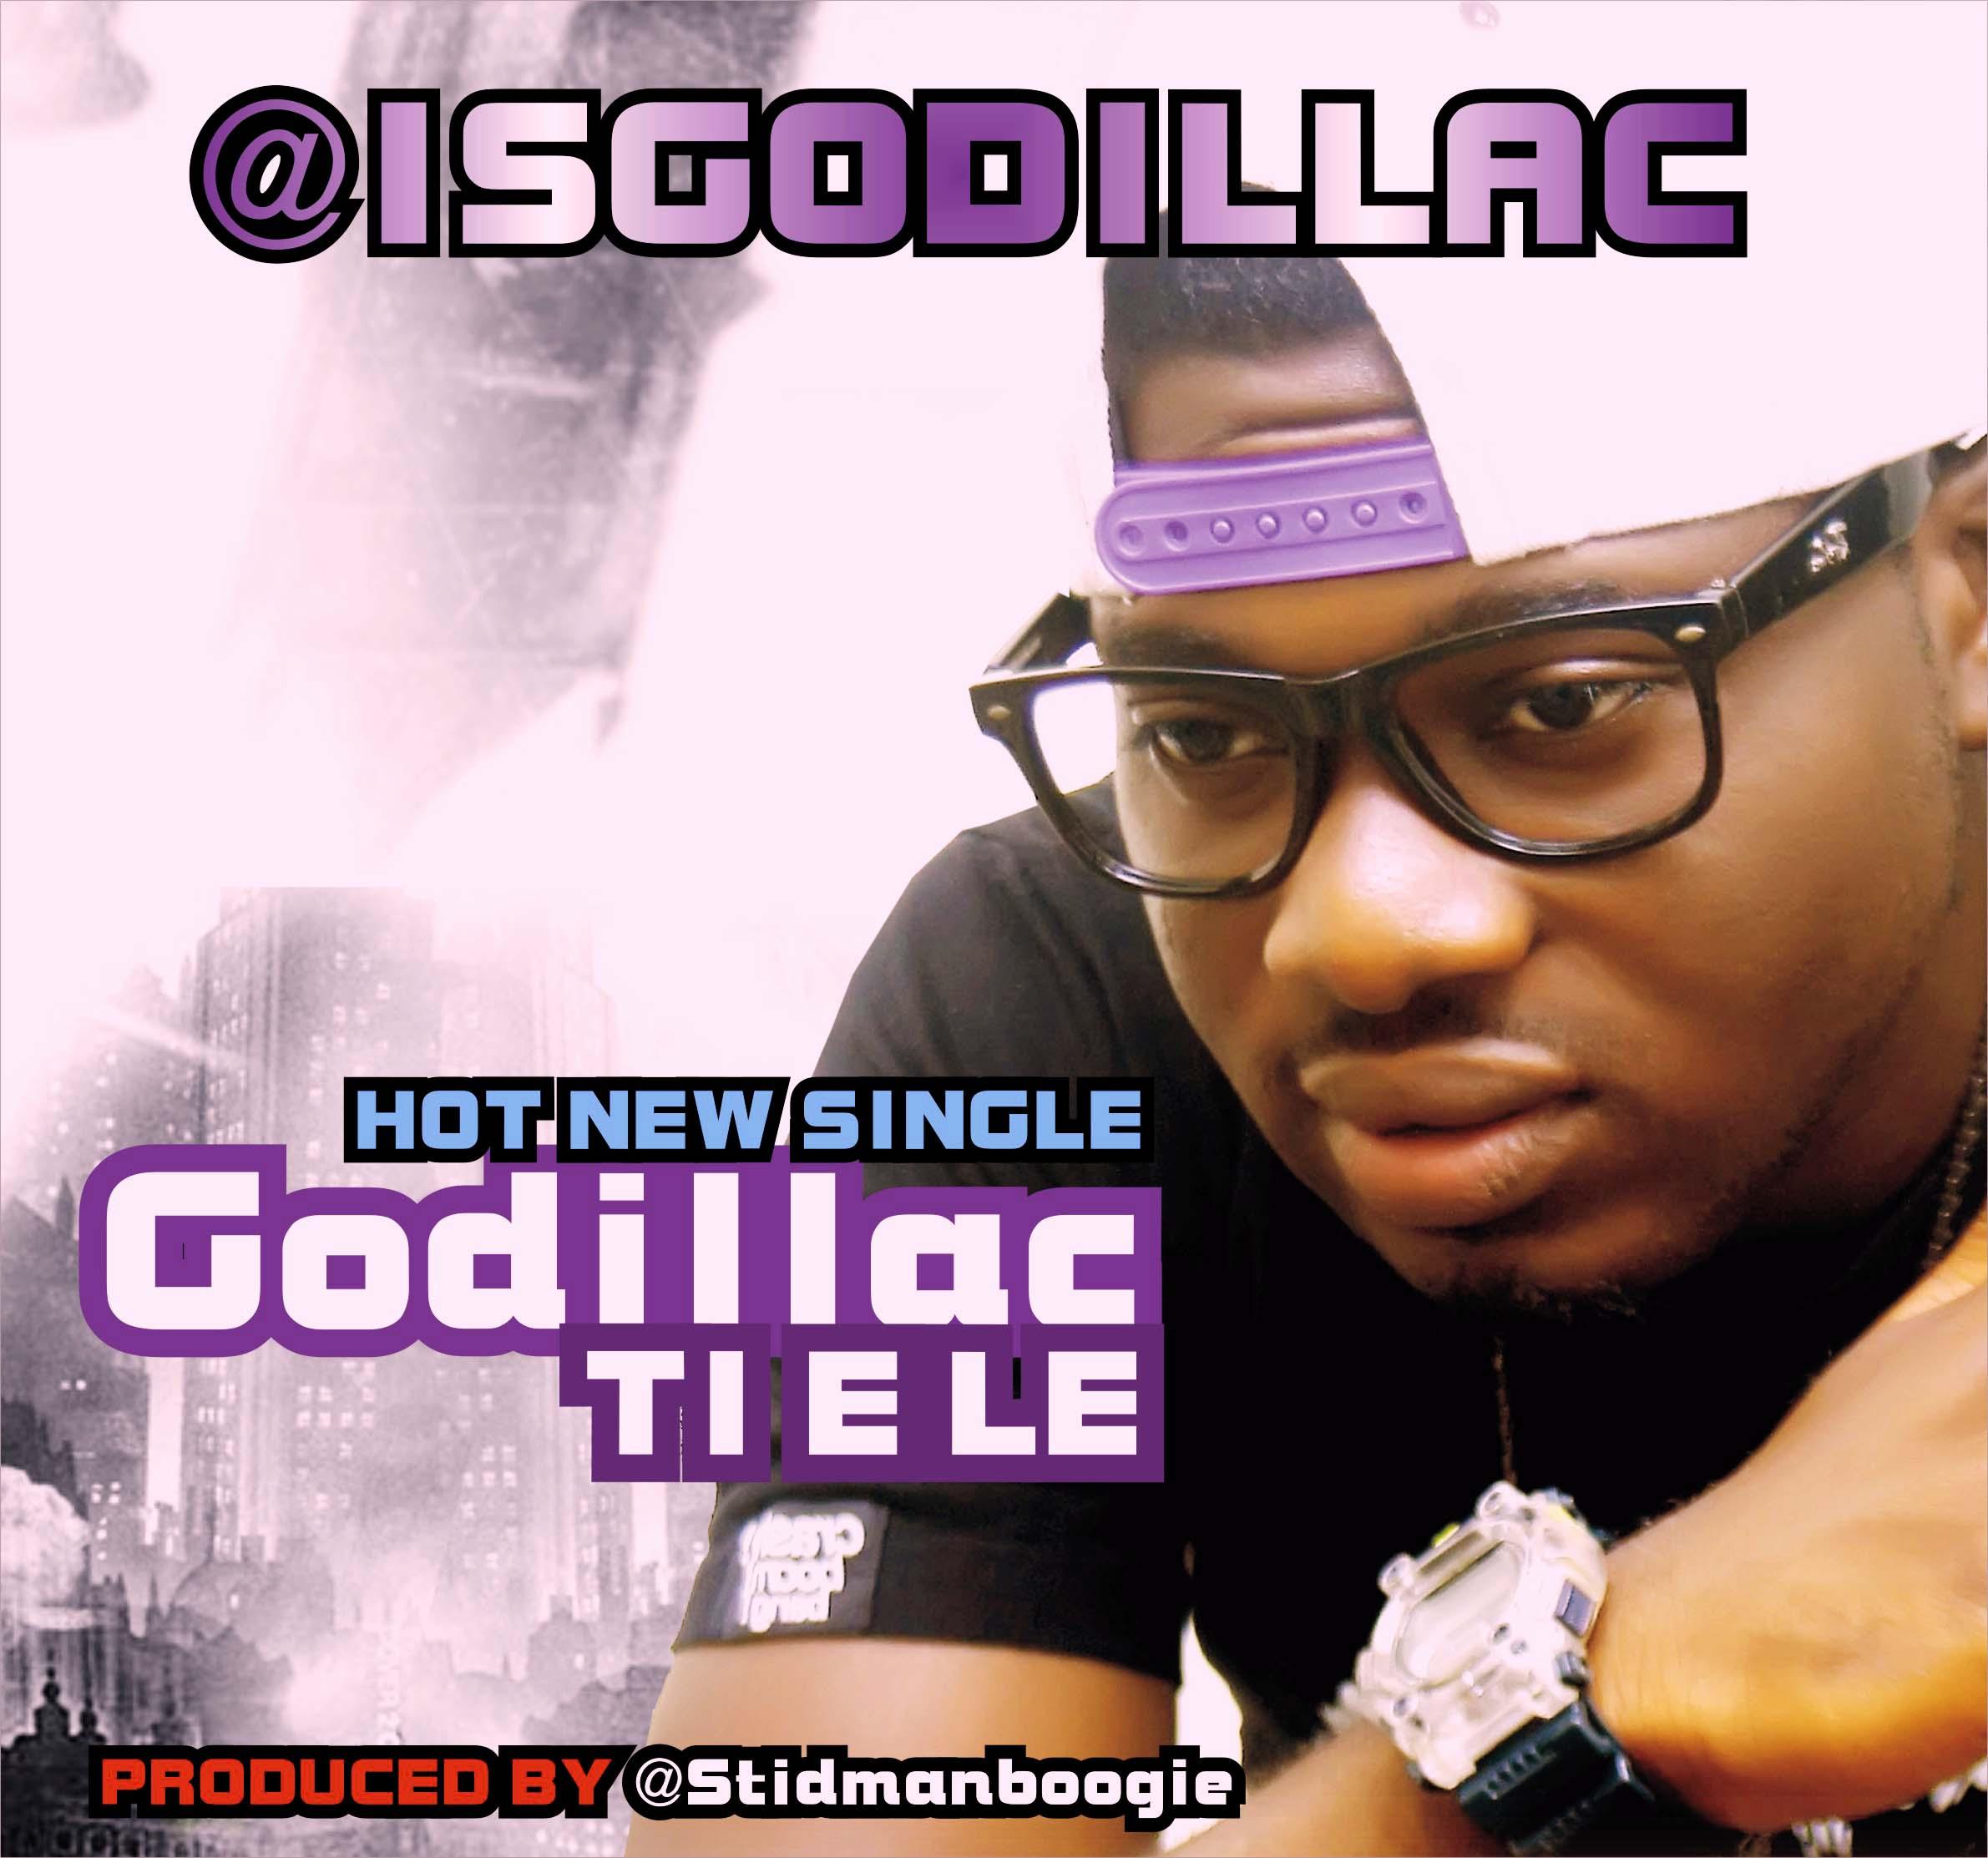 Godillac - Ti E Le [prod. by Stidman] Artwork | AceWorldTeam.com